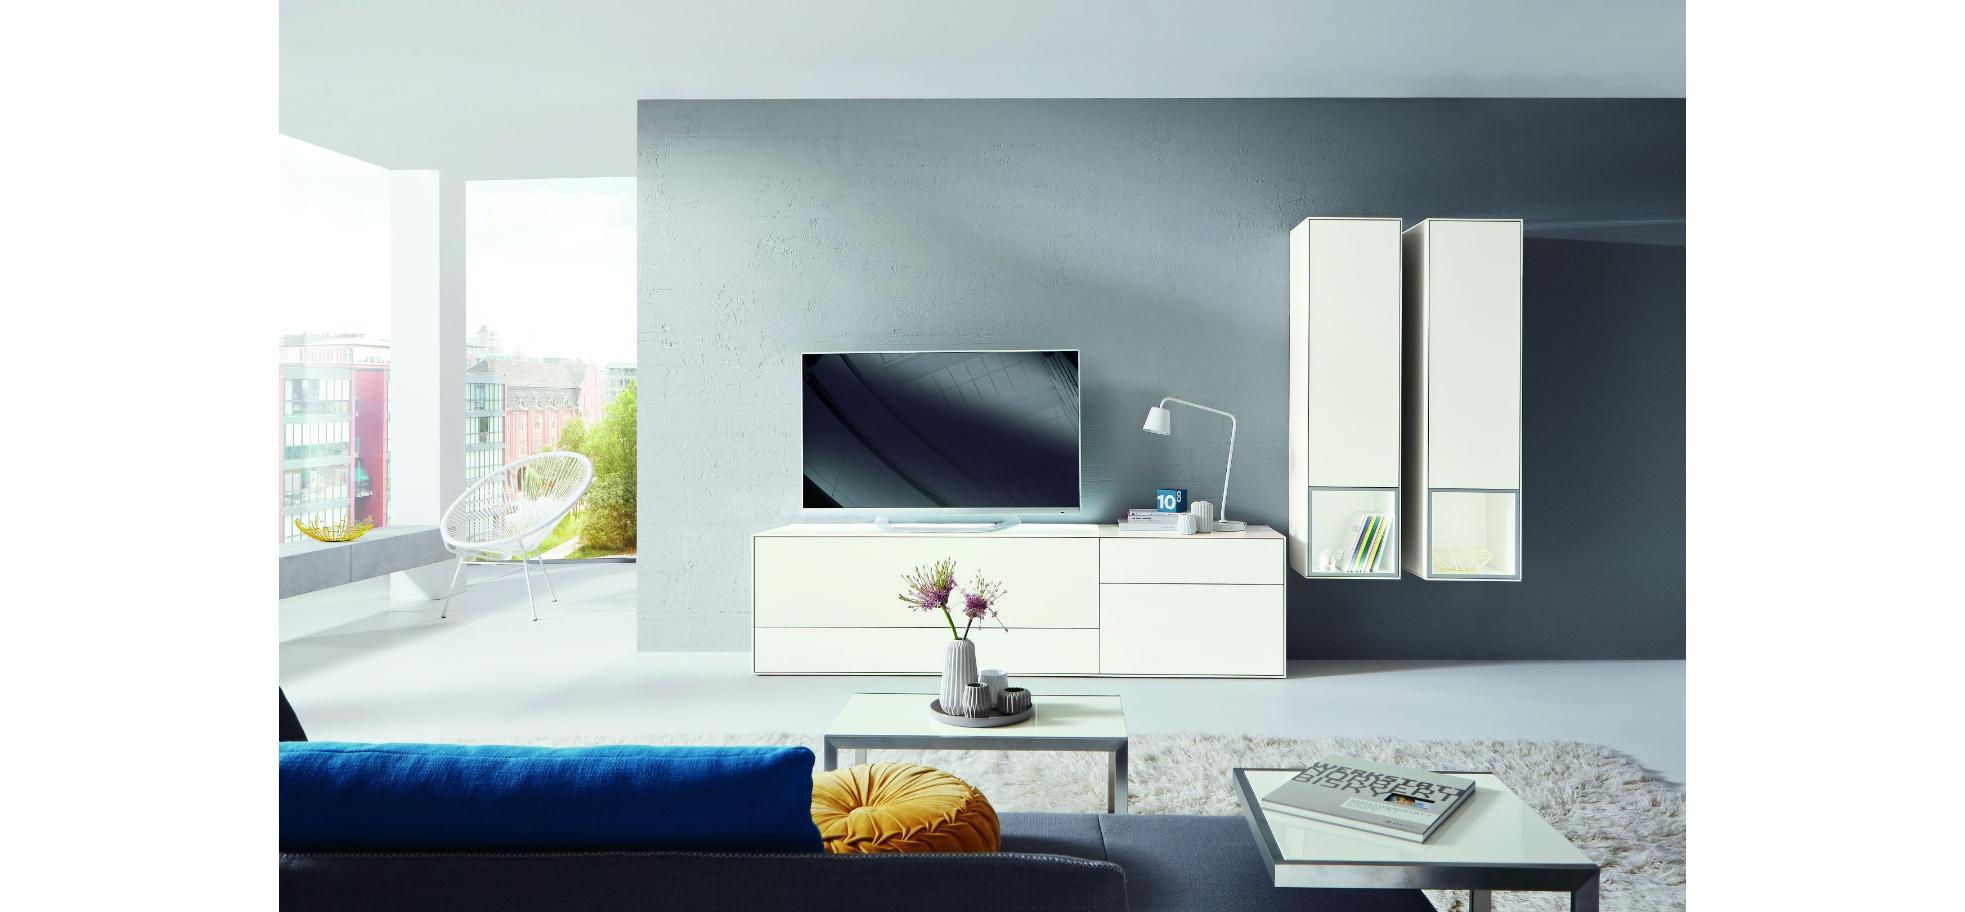 moderne wohnwand in lack hochglanz wei m belhaus pohl wilhelmshaven friesland m belhaus. Black Bedroom Furniture Sets. Home Design Ideas